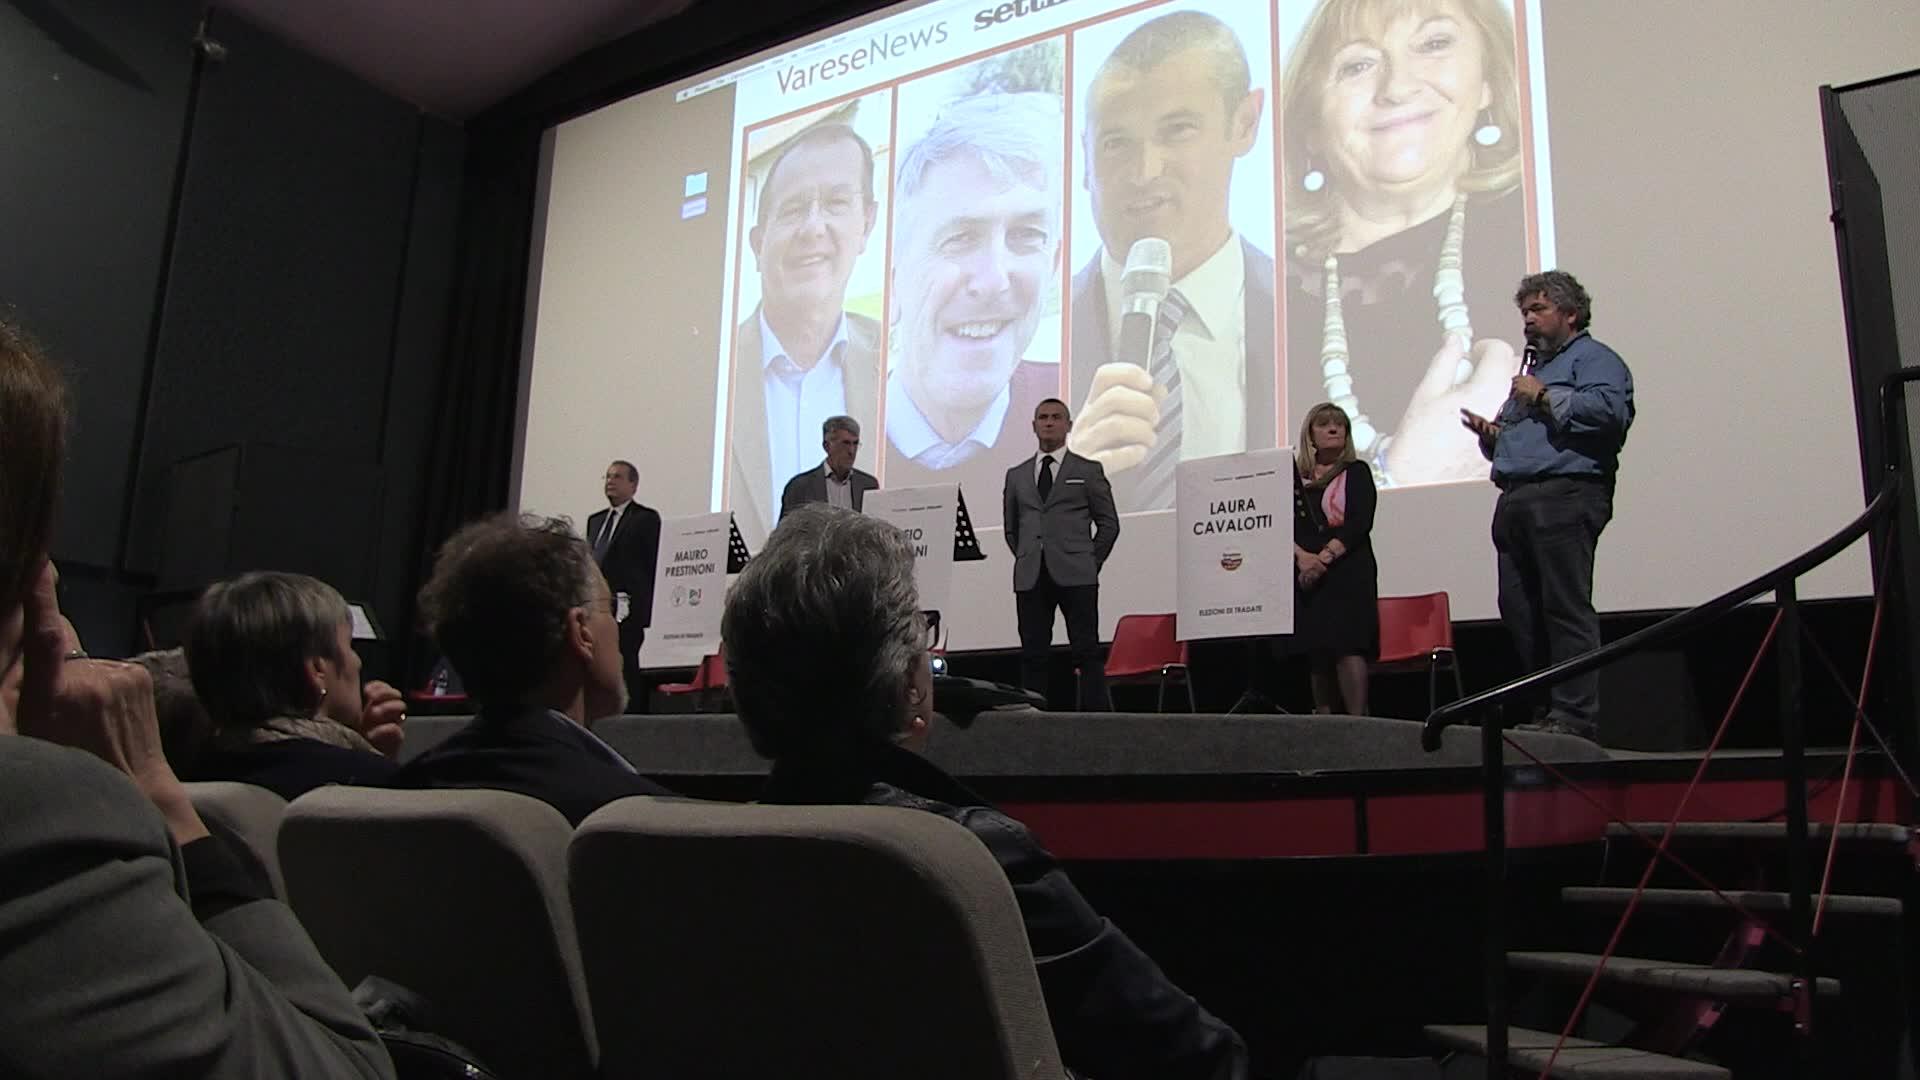 Video: Confronto tra candidati a Tradate